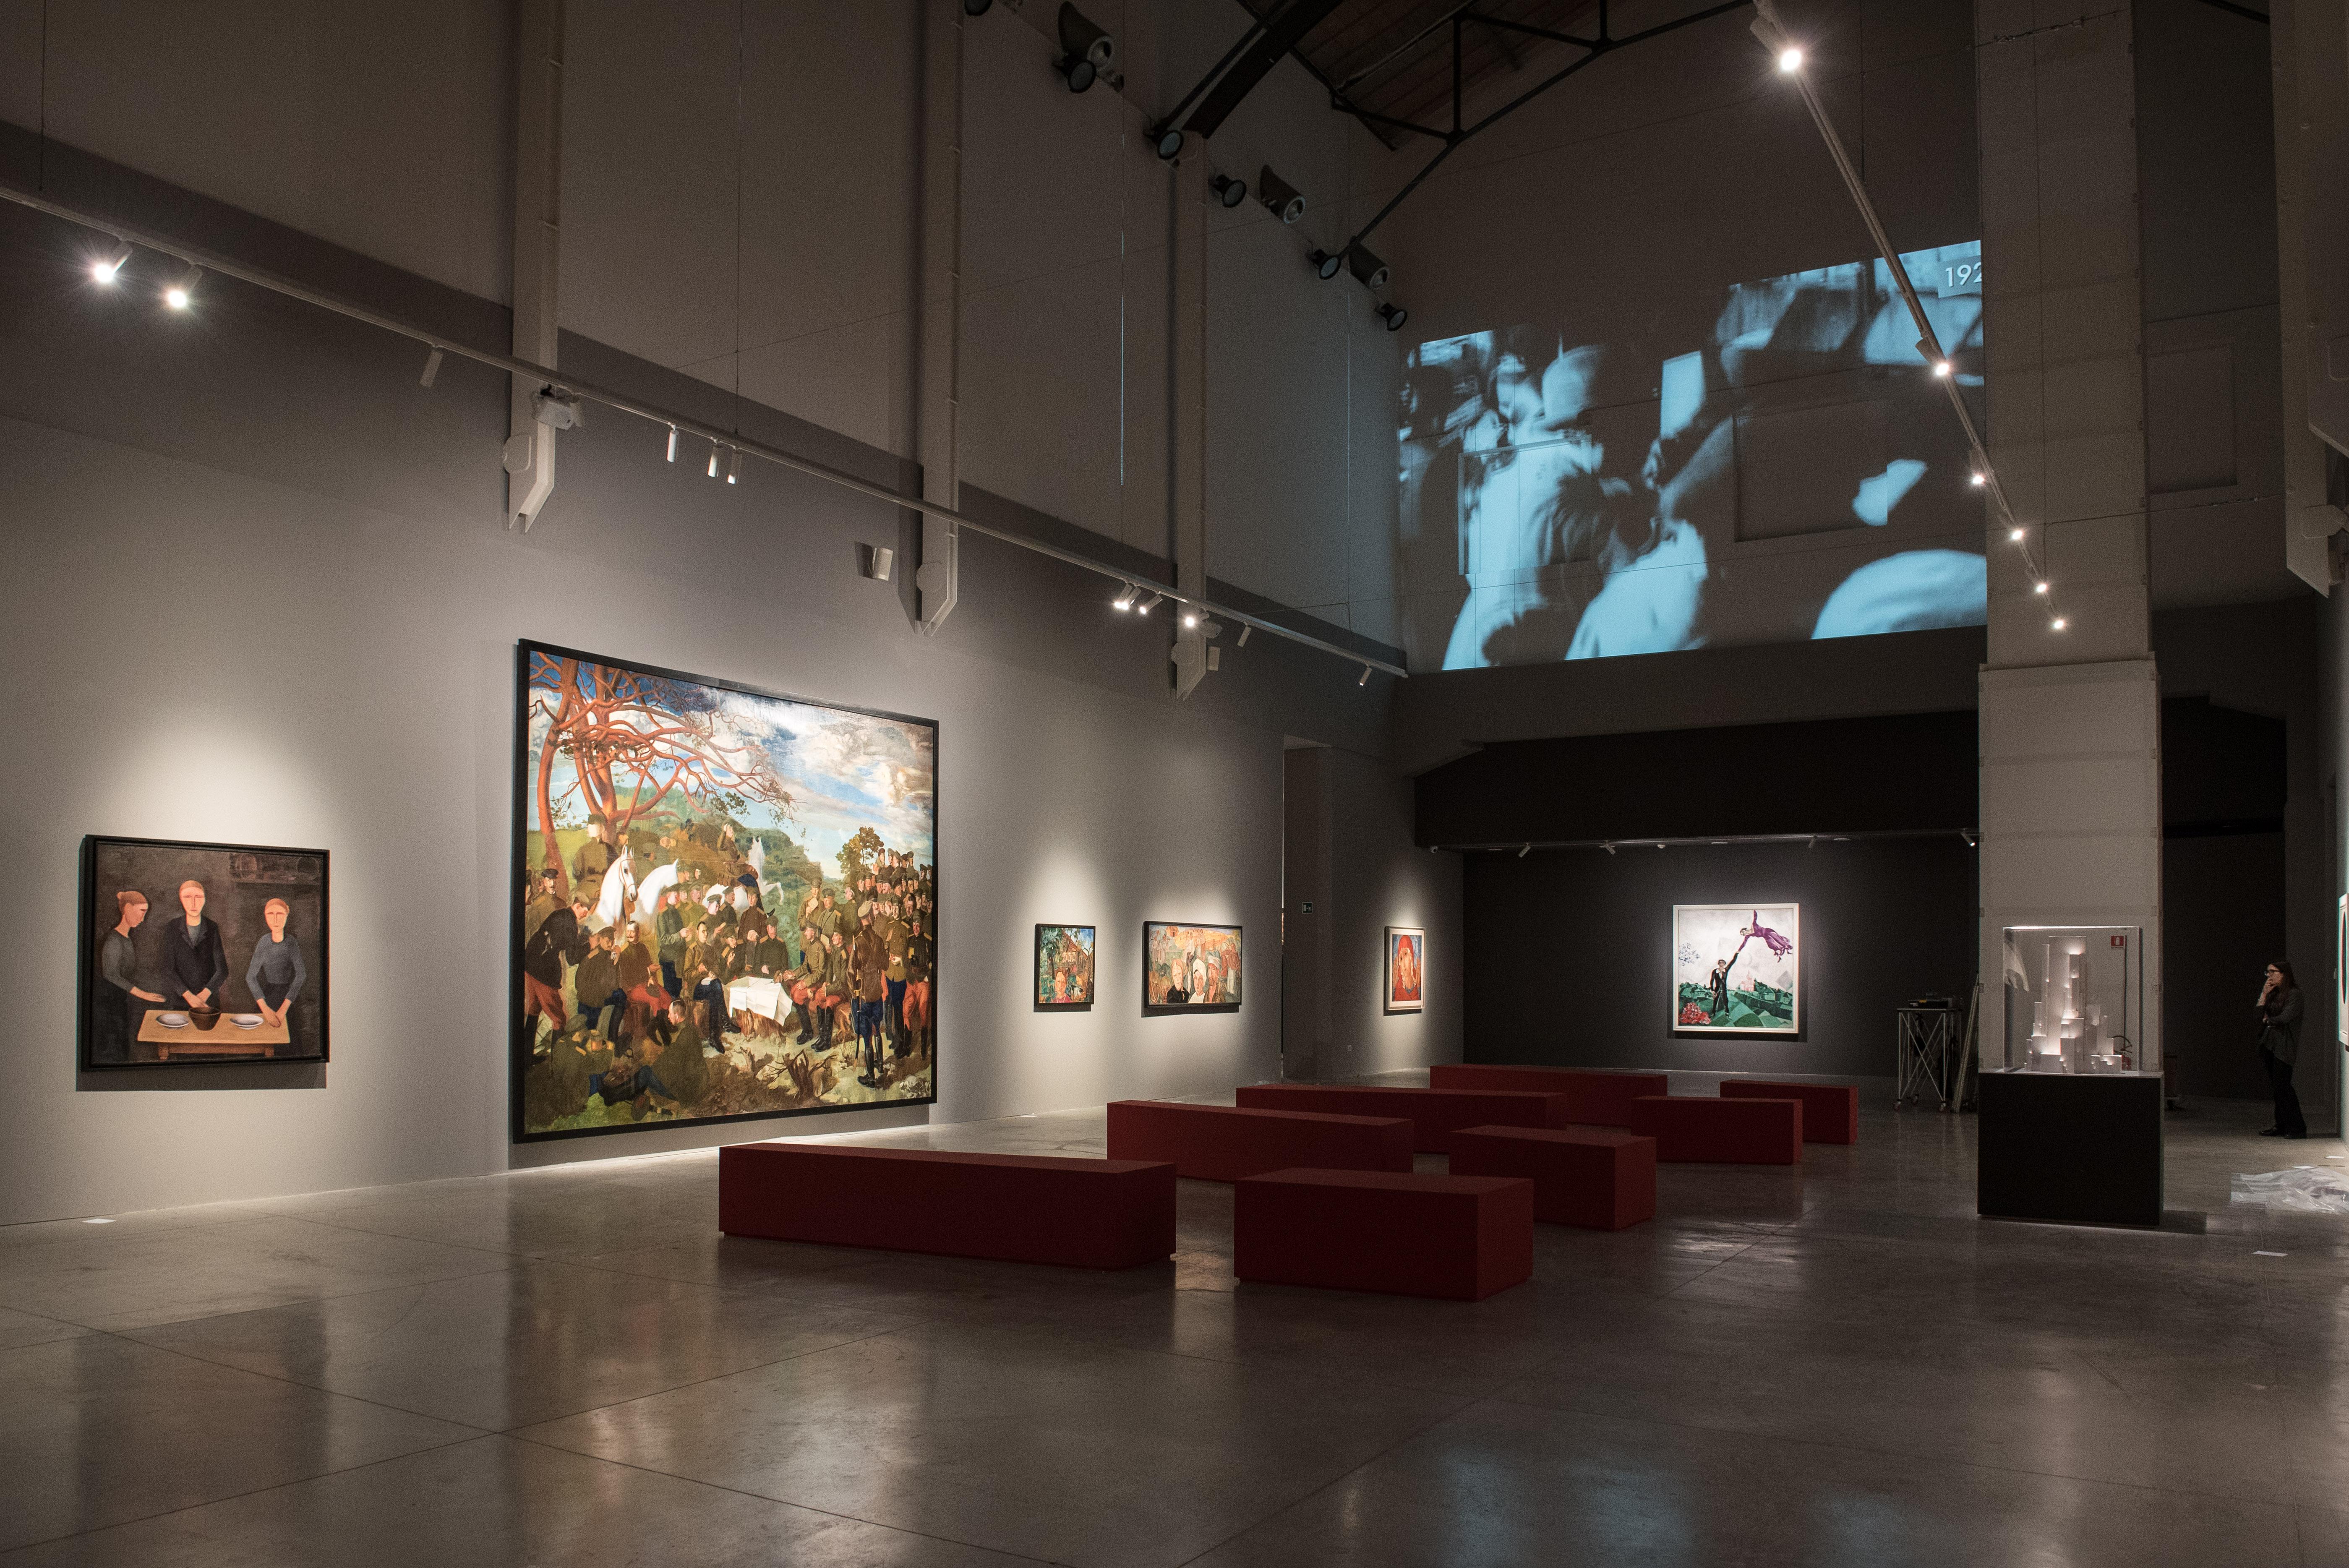 Veduta della mostra Revolutija: da Chagall a Malevich da Repin a Kandinsky. Capolavori dal Museo di Stato Russo. © State Russian Museum, St. Petersburg